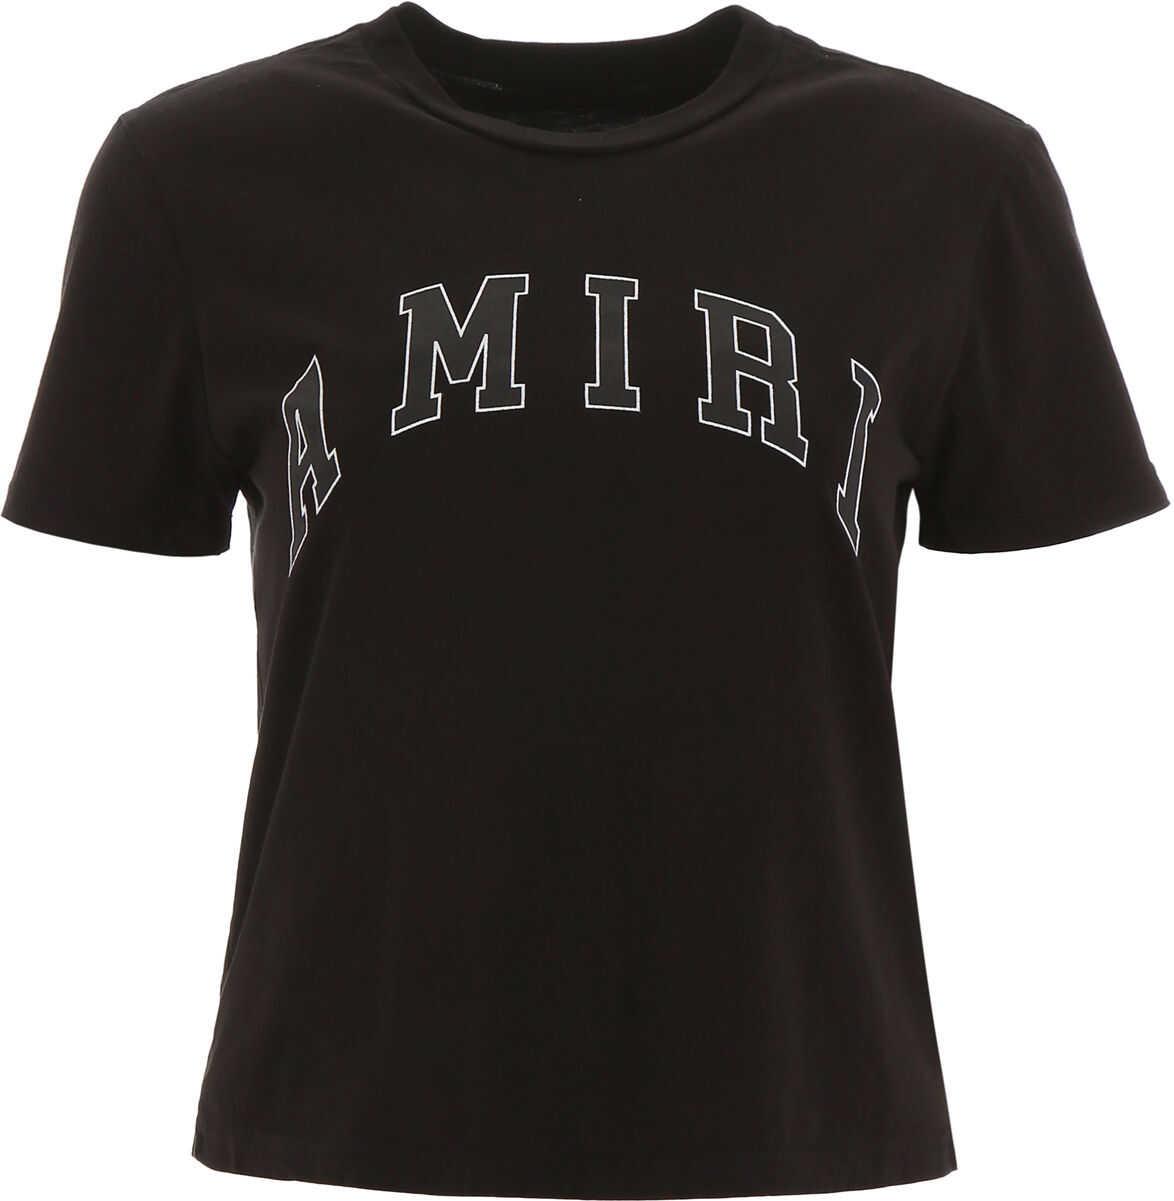 AMIRI Logo T-Shirt BLACK